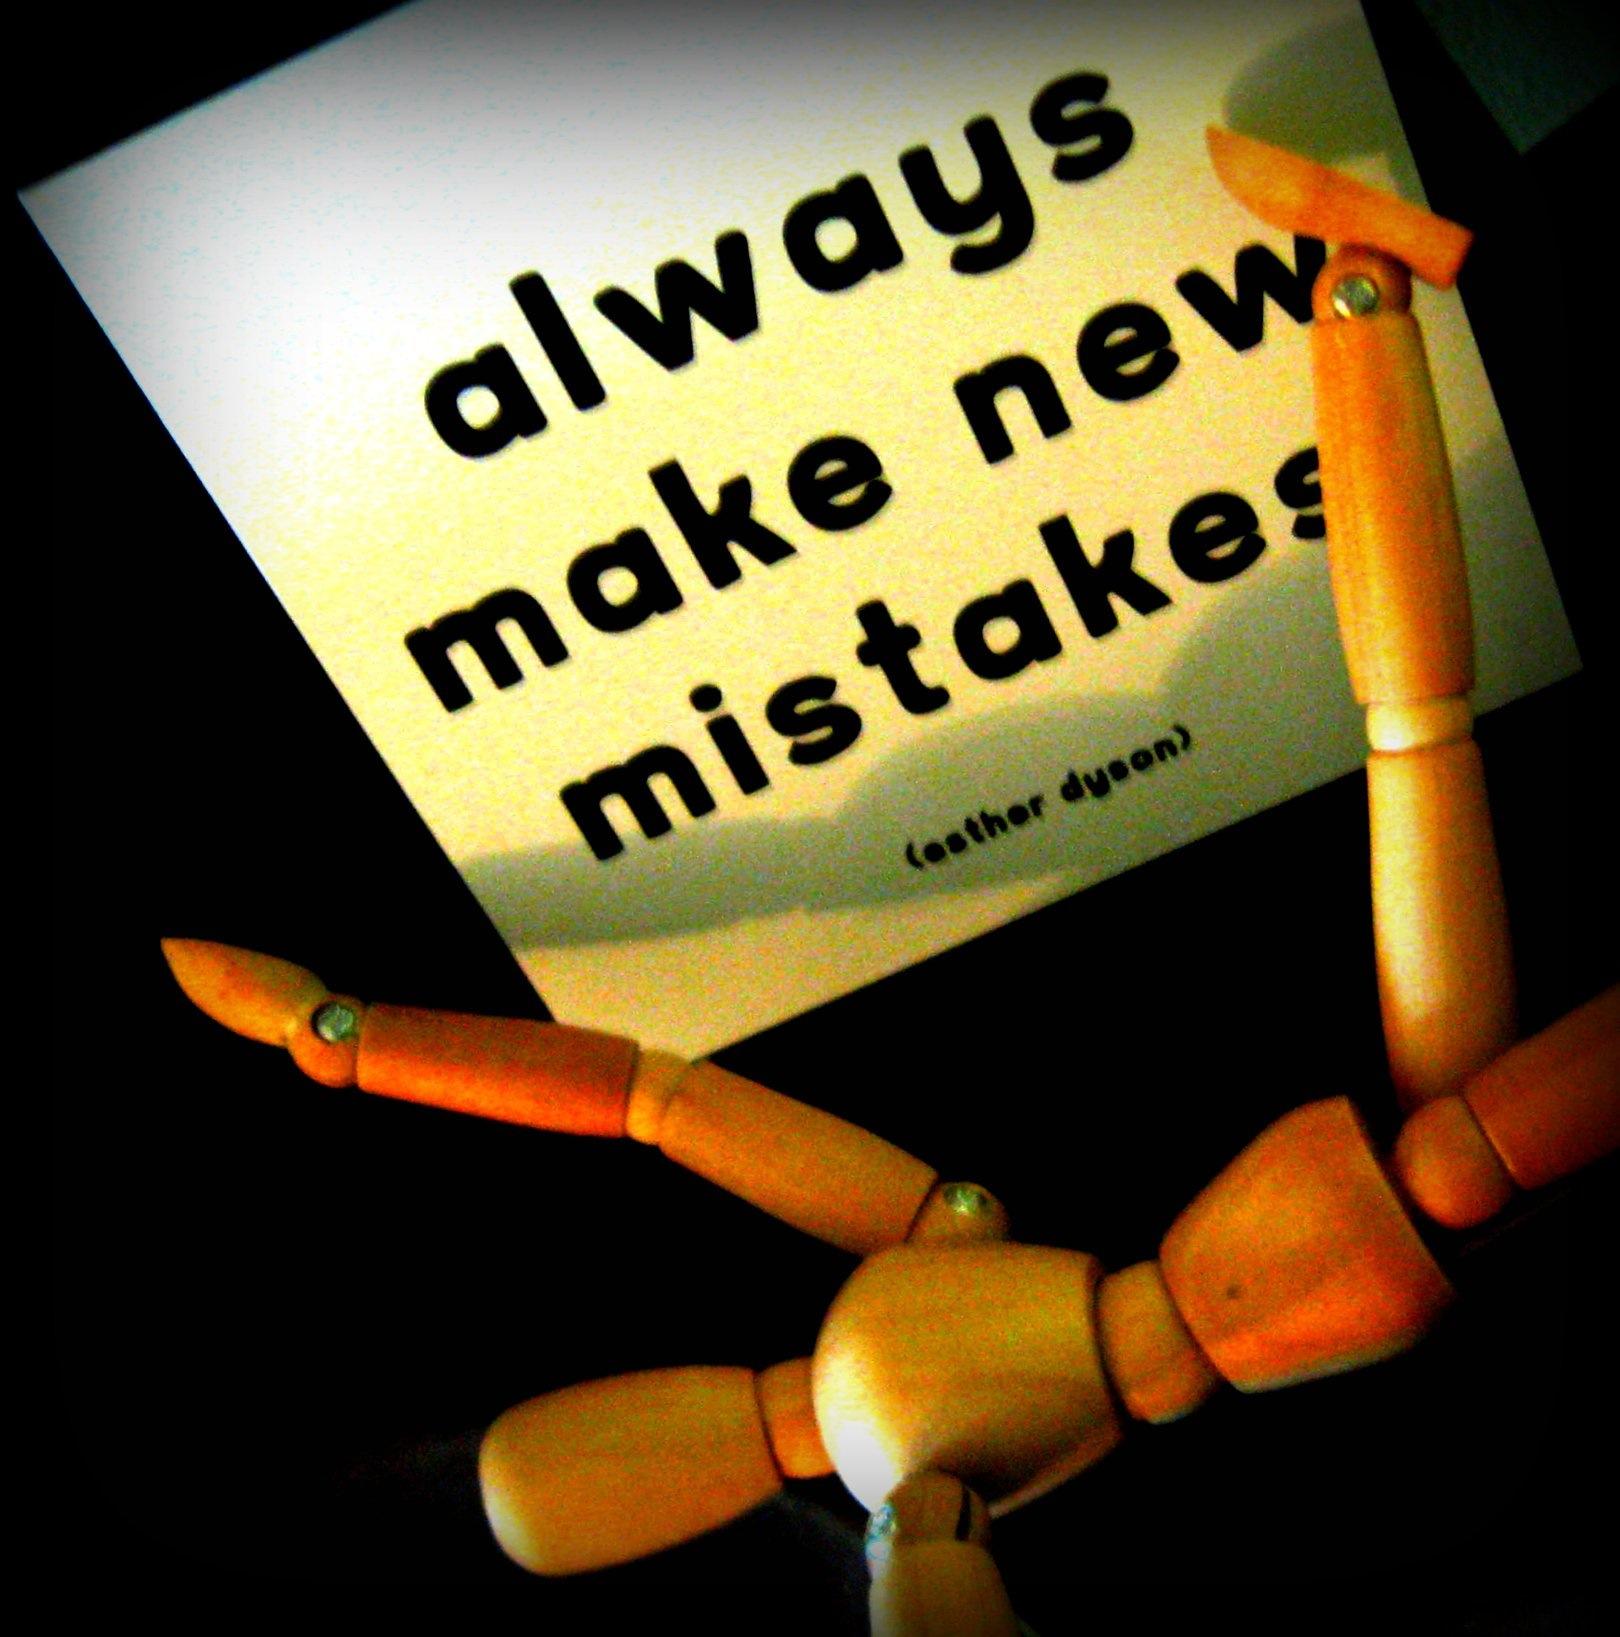 Uvek napravi novu grešku - elycefeliz via Flickr (CC BY-NC-ND 2.0)